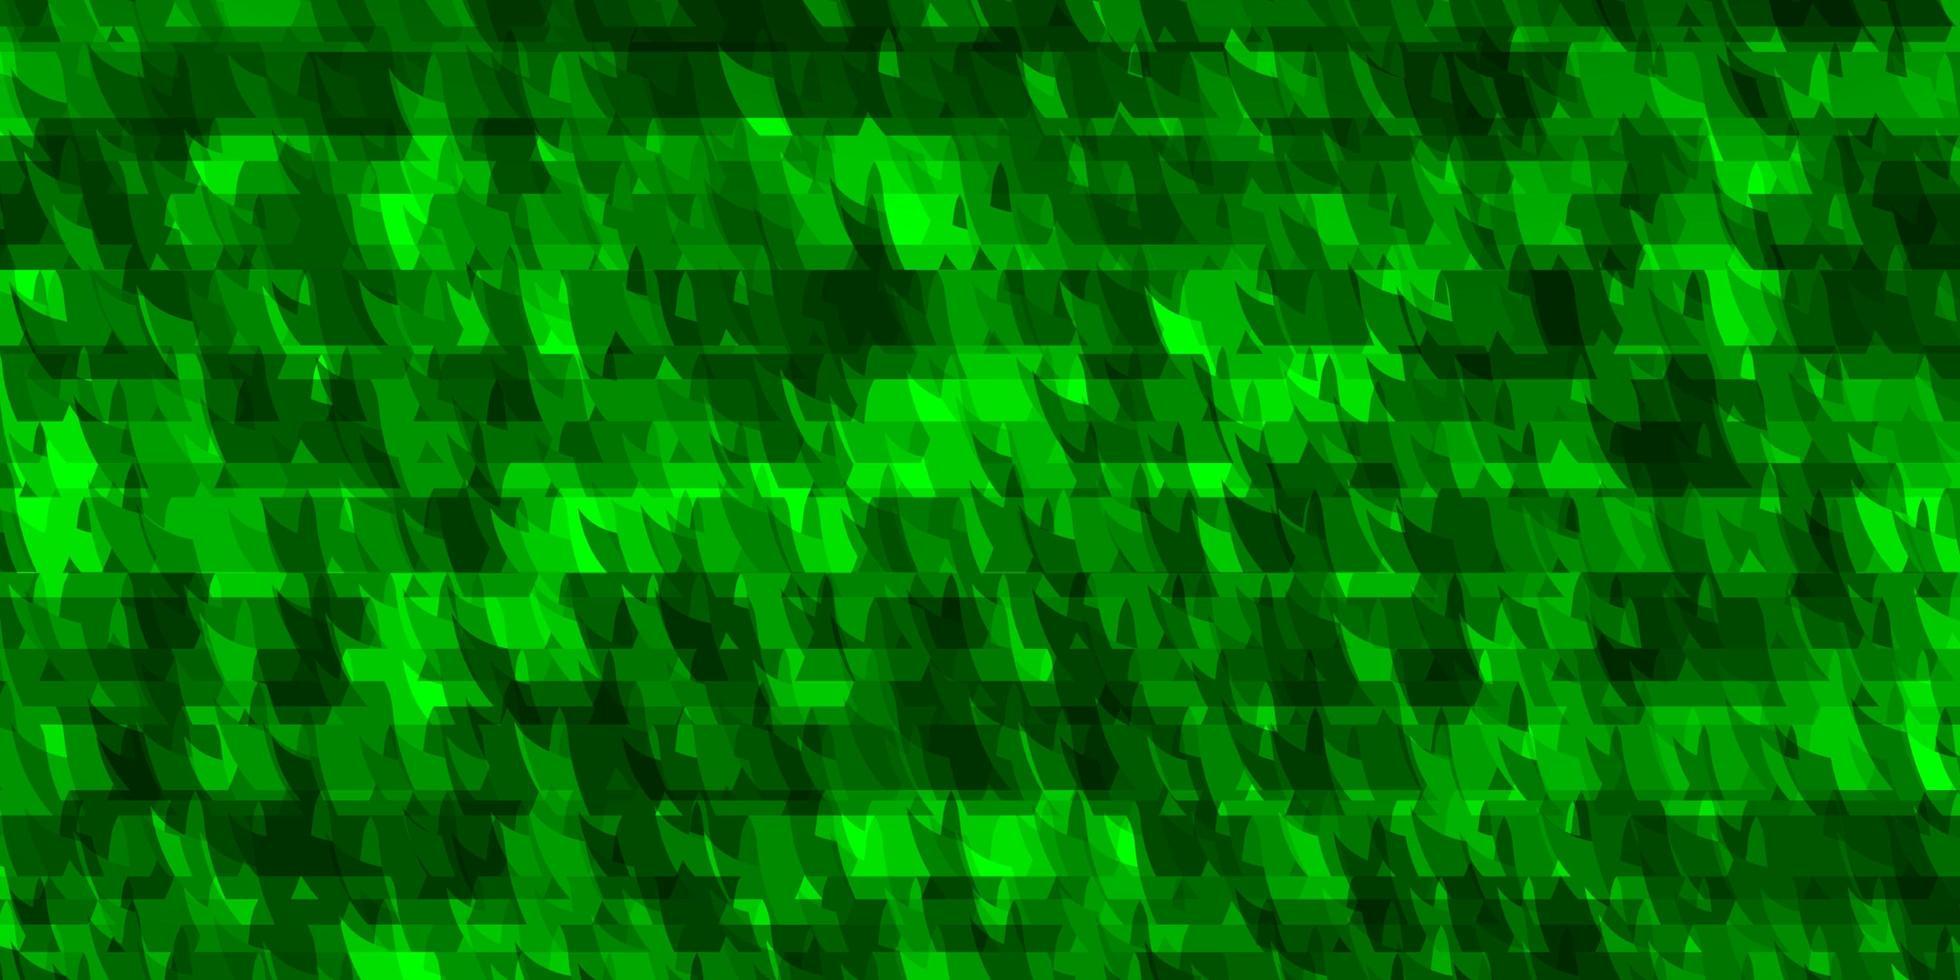 hellgrüne Vektorschablone mit Linien, Dreiecken. vektor